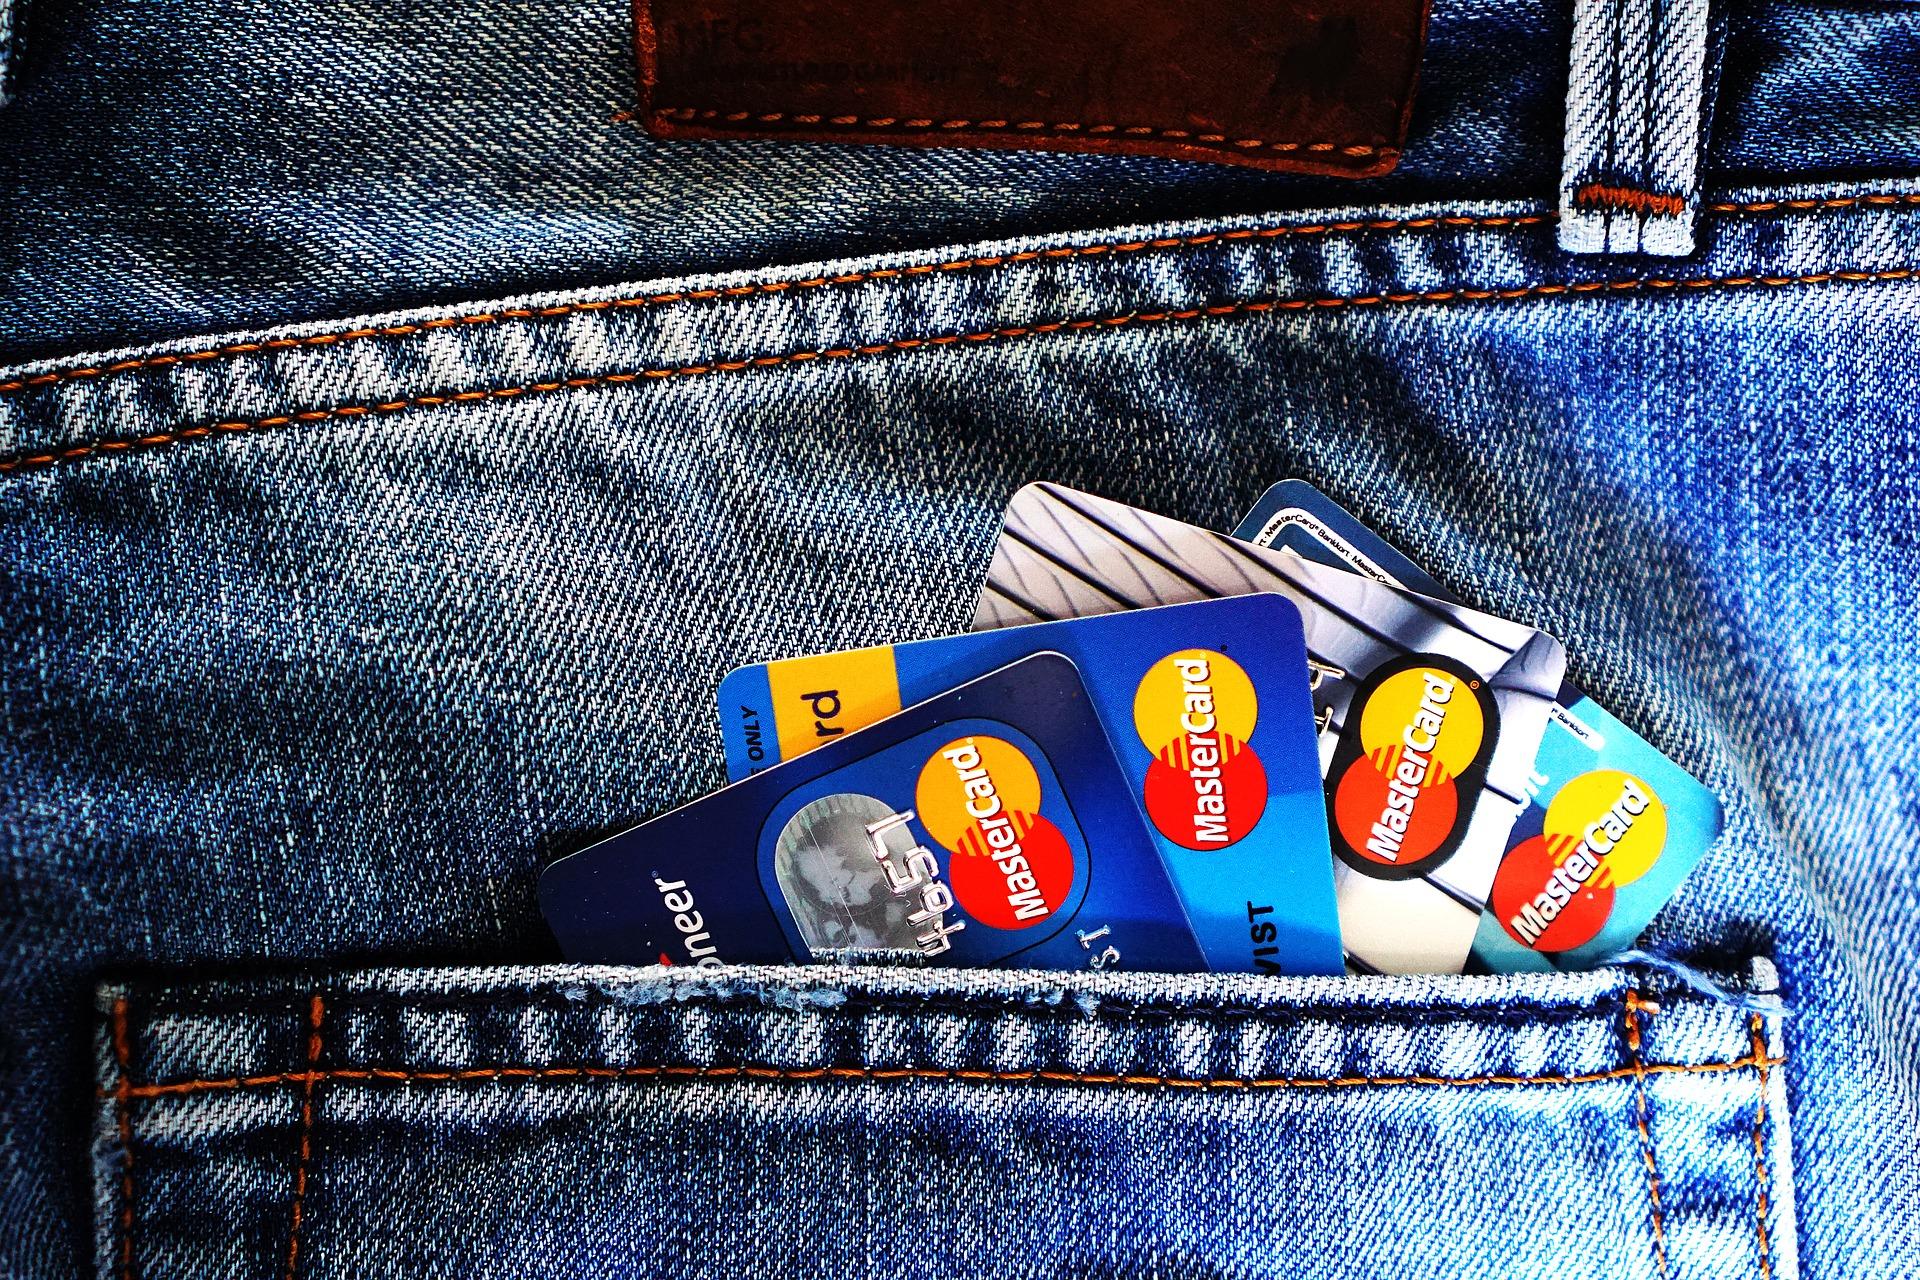 Töretlen bővülés a kártyás fizetési forgalomban